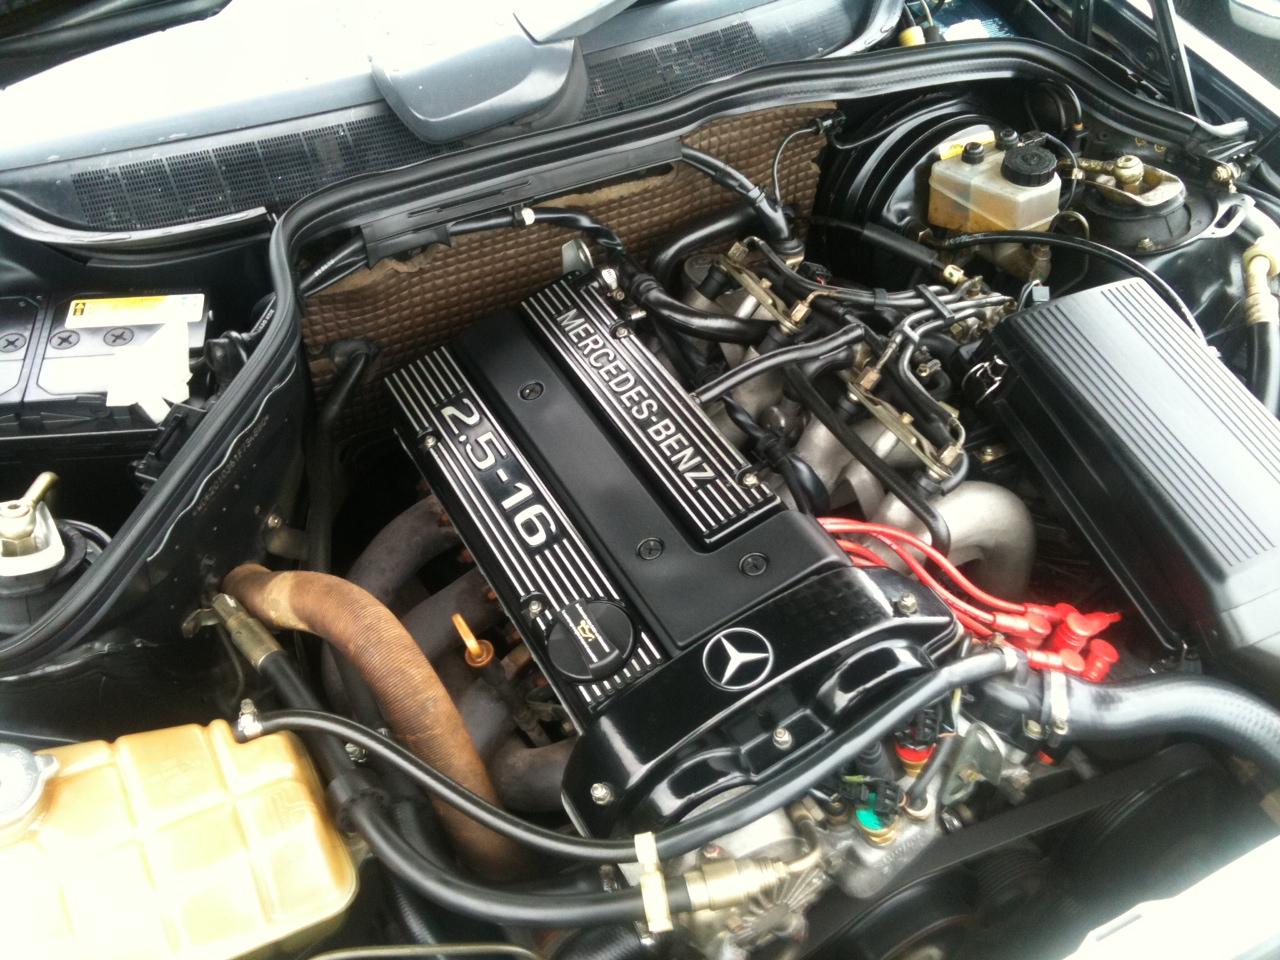 Benzinmotor Theoriefinder Wiki Fandom Powered By Wikia border=